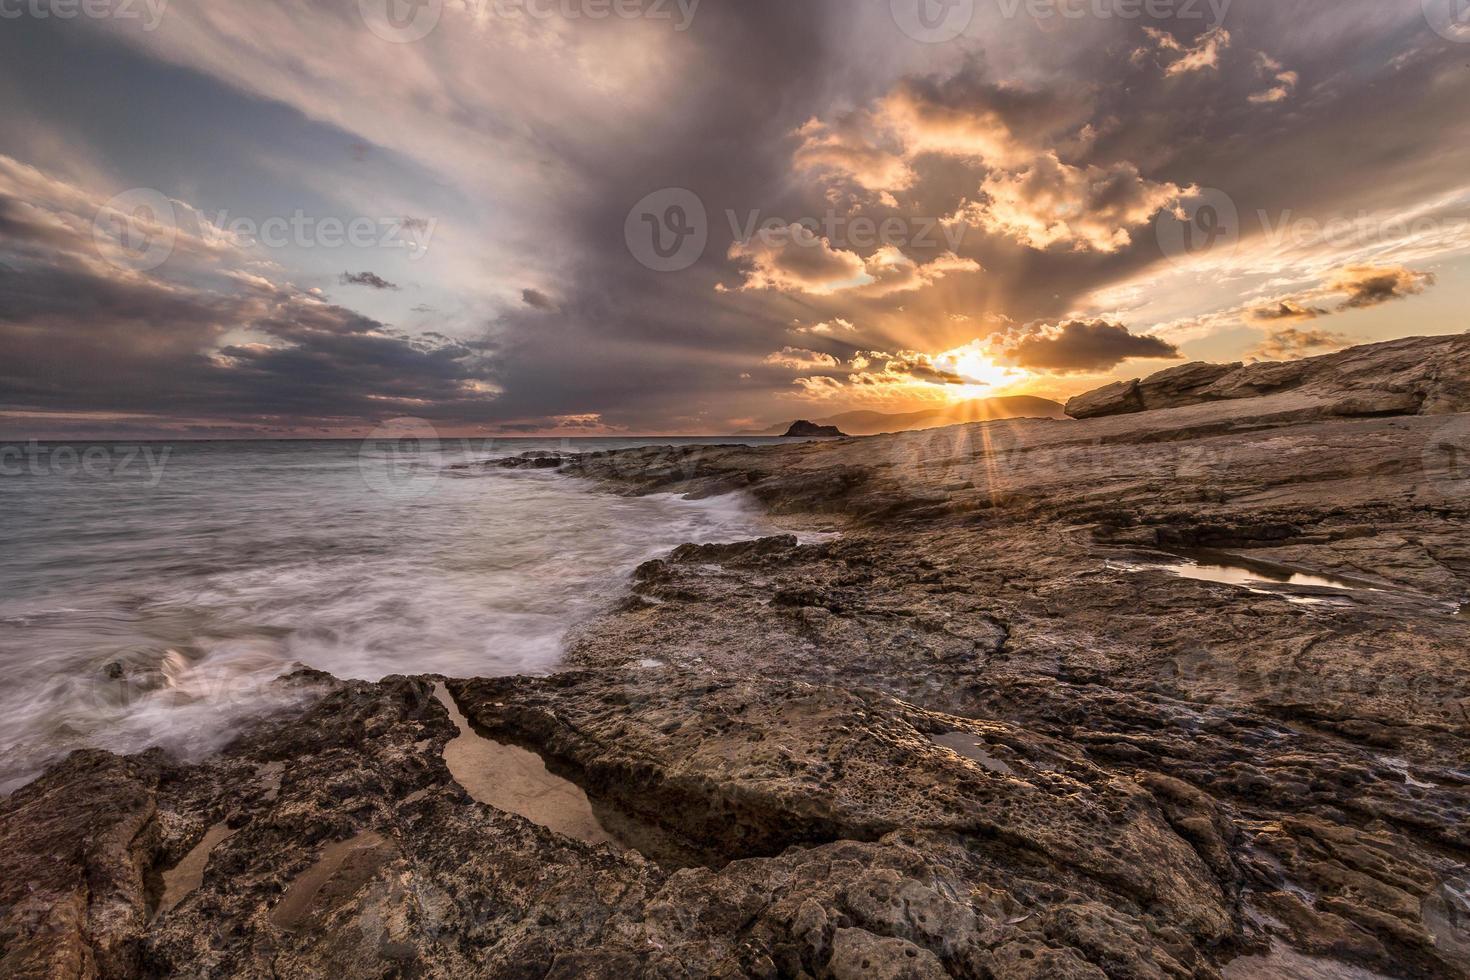 tramonto sulle rocce dell'isola di karpathos. foto